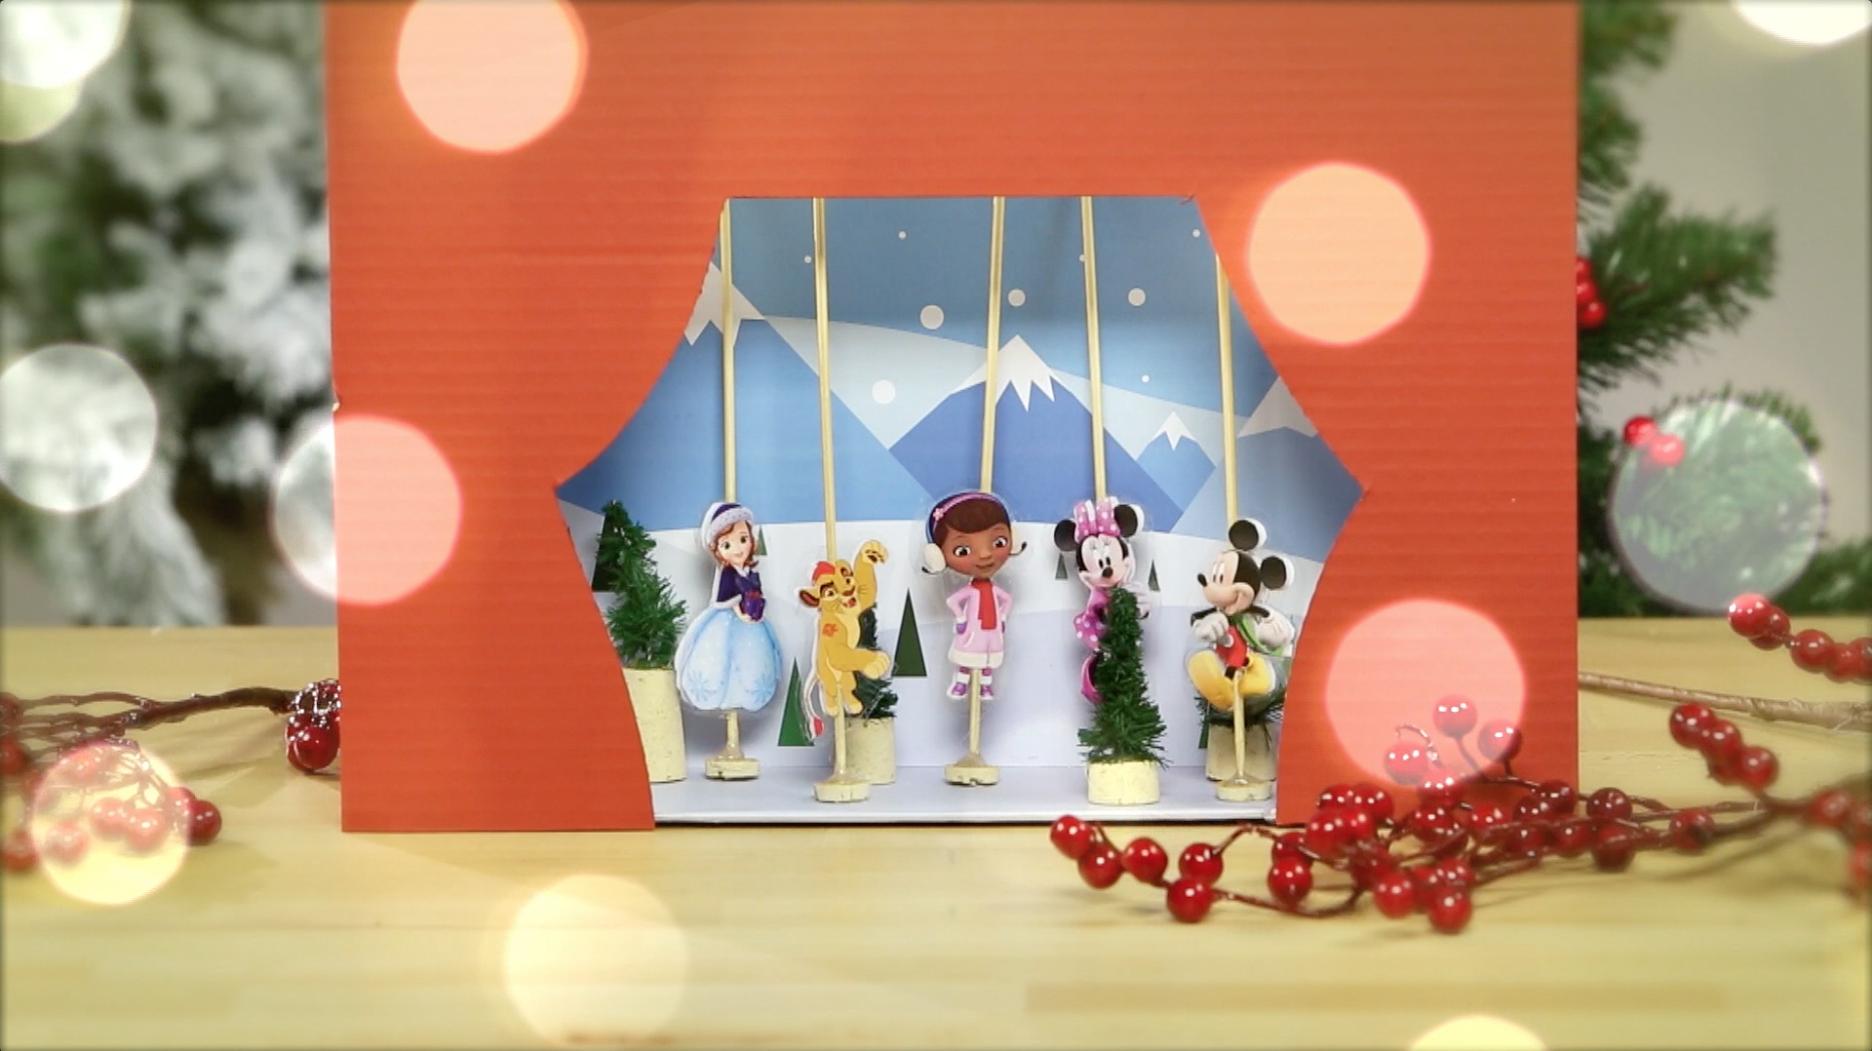 Animse-se a fazer um teatro de Natal